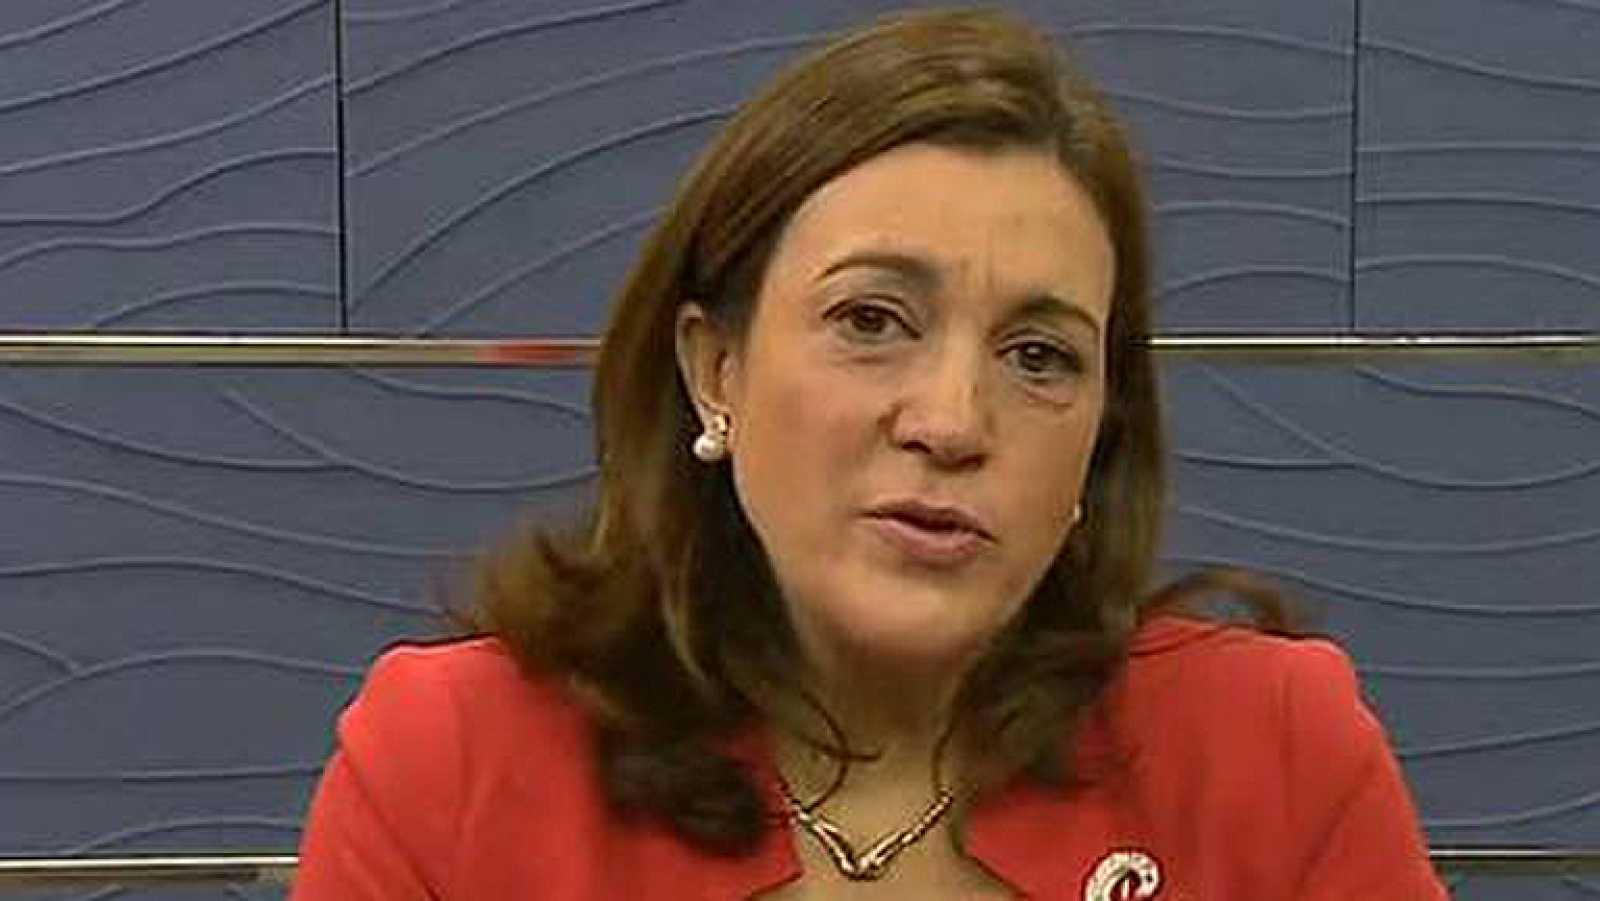 La oposición reprochará a Rajoy no haber cumplido con su programa